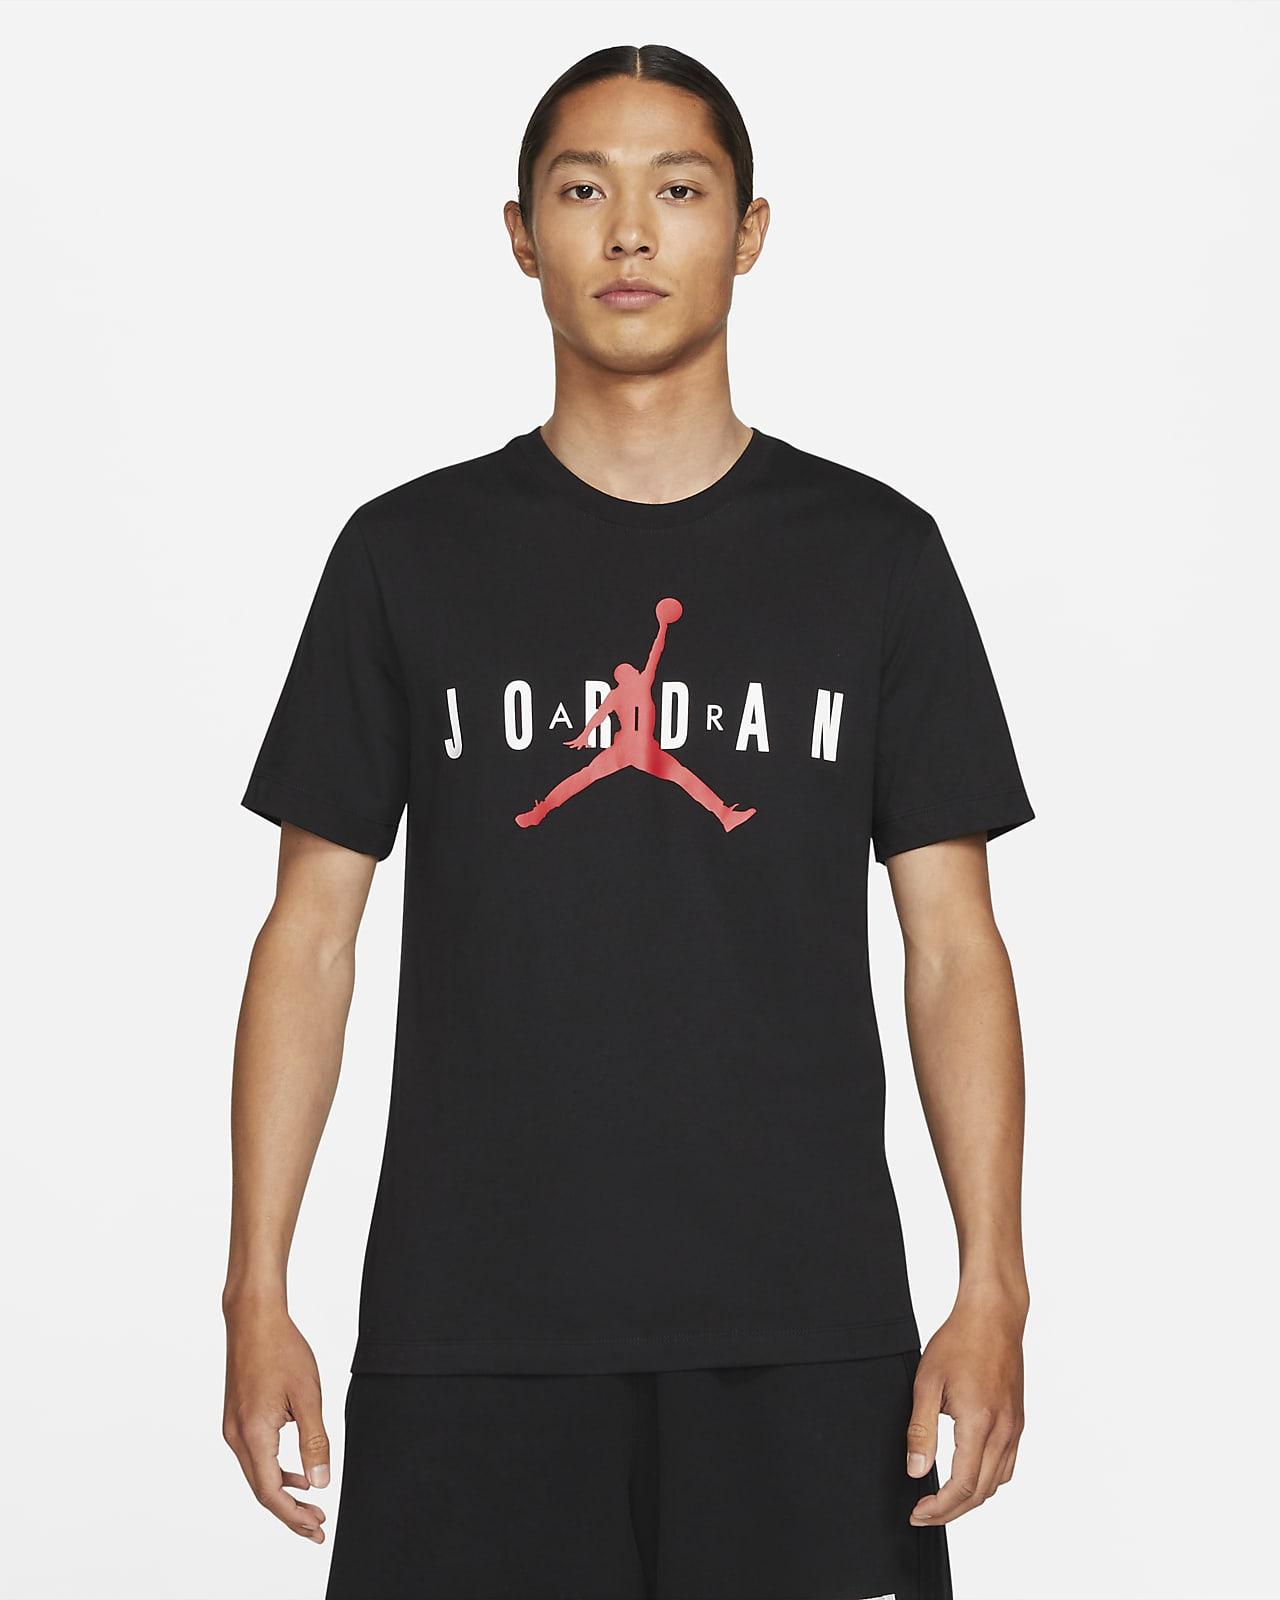 Jordan Air Wordmark Men's T-Shirt